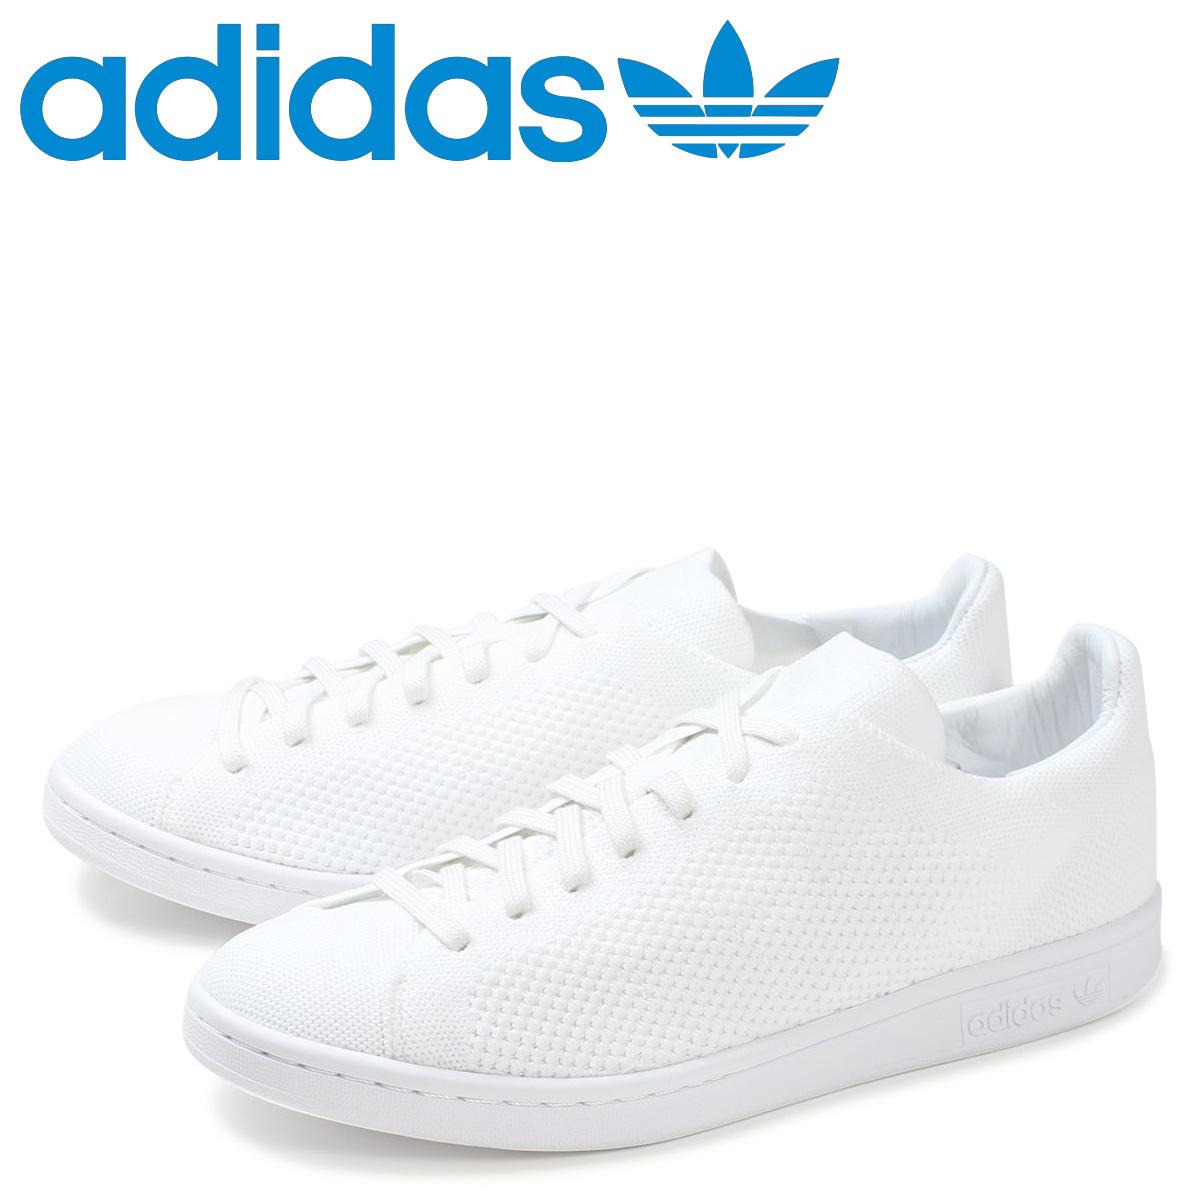 adidas Originals Adidas originals Stan Smith sneakers men STAN SMITH PRIMEKNIT white white BB3786